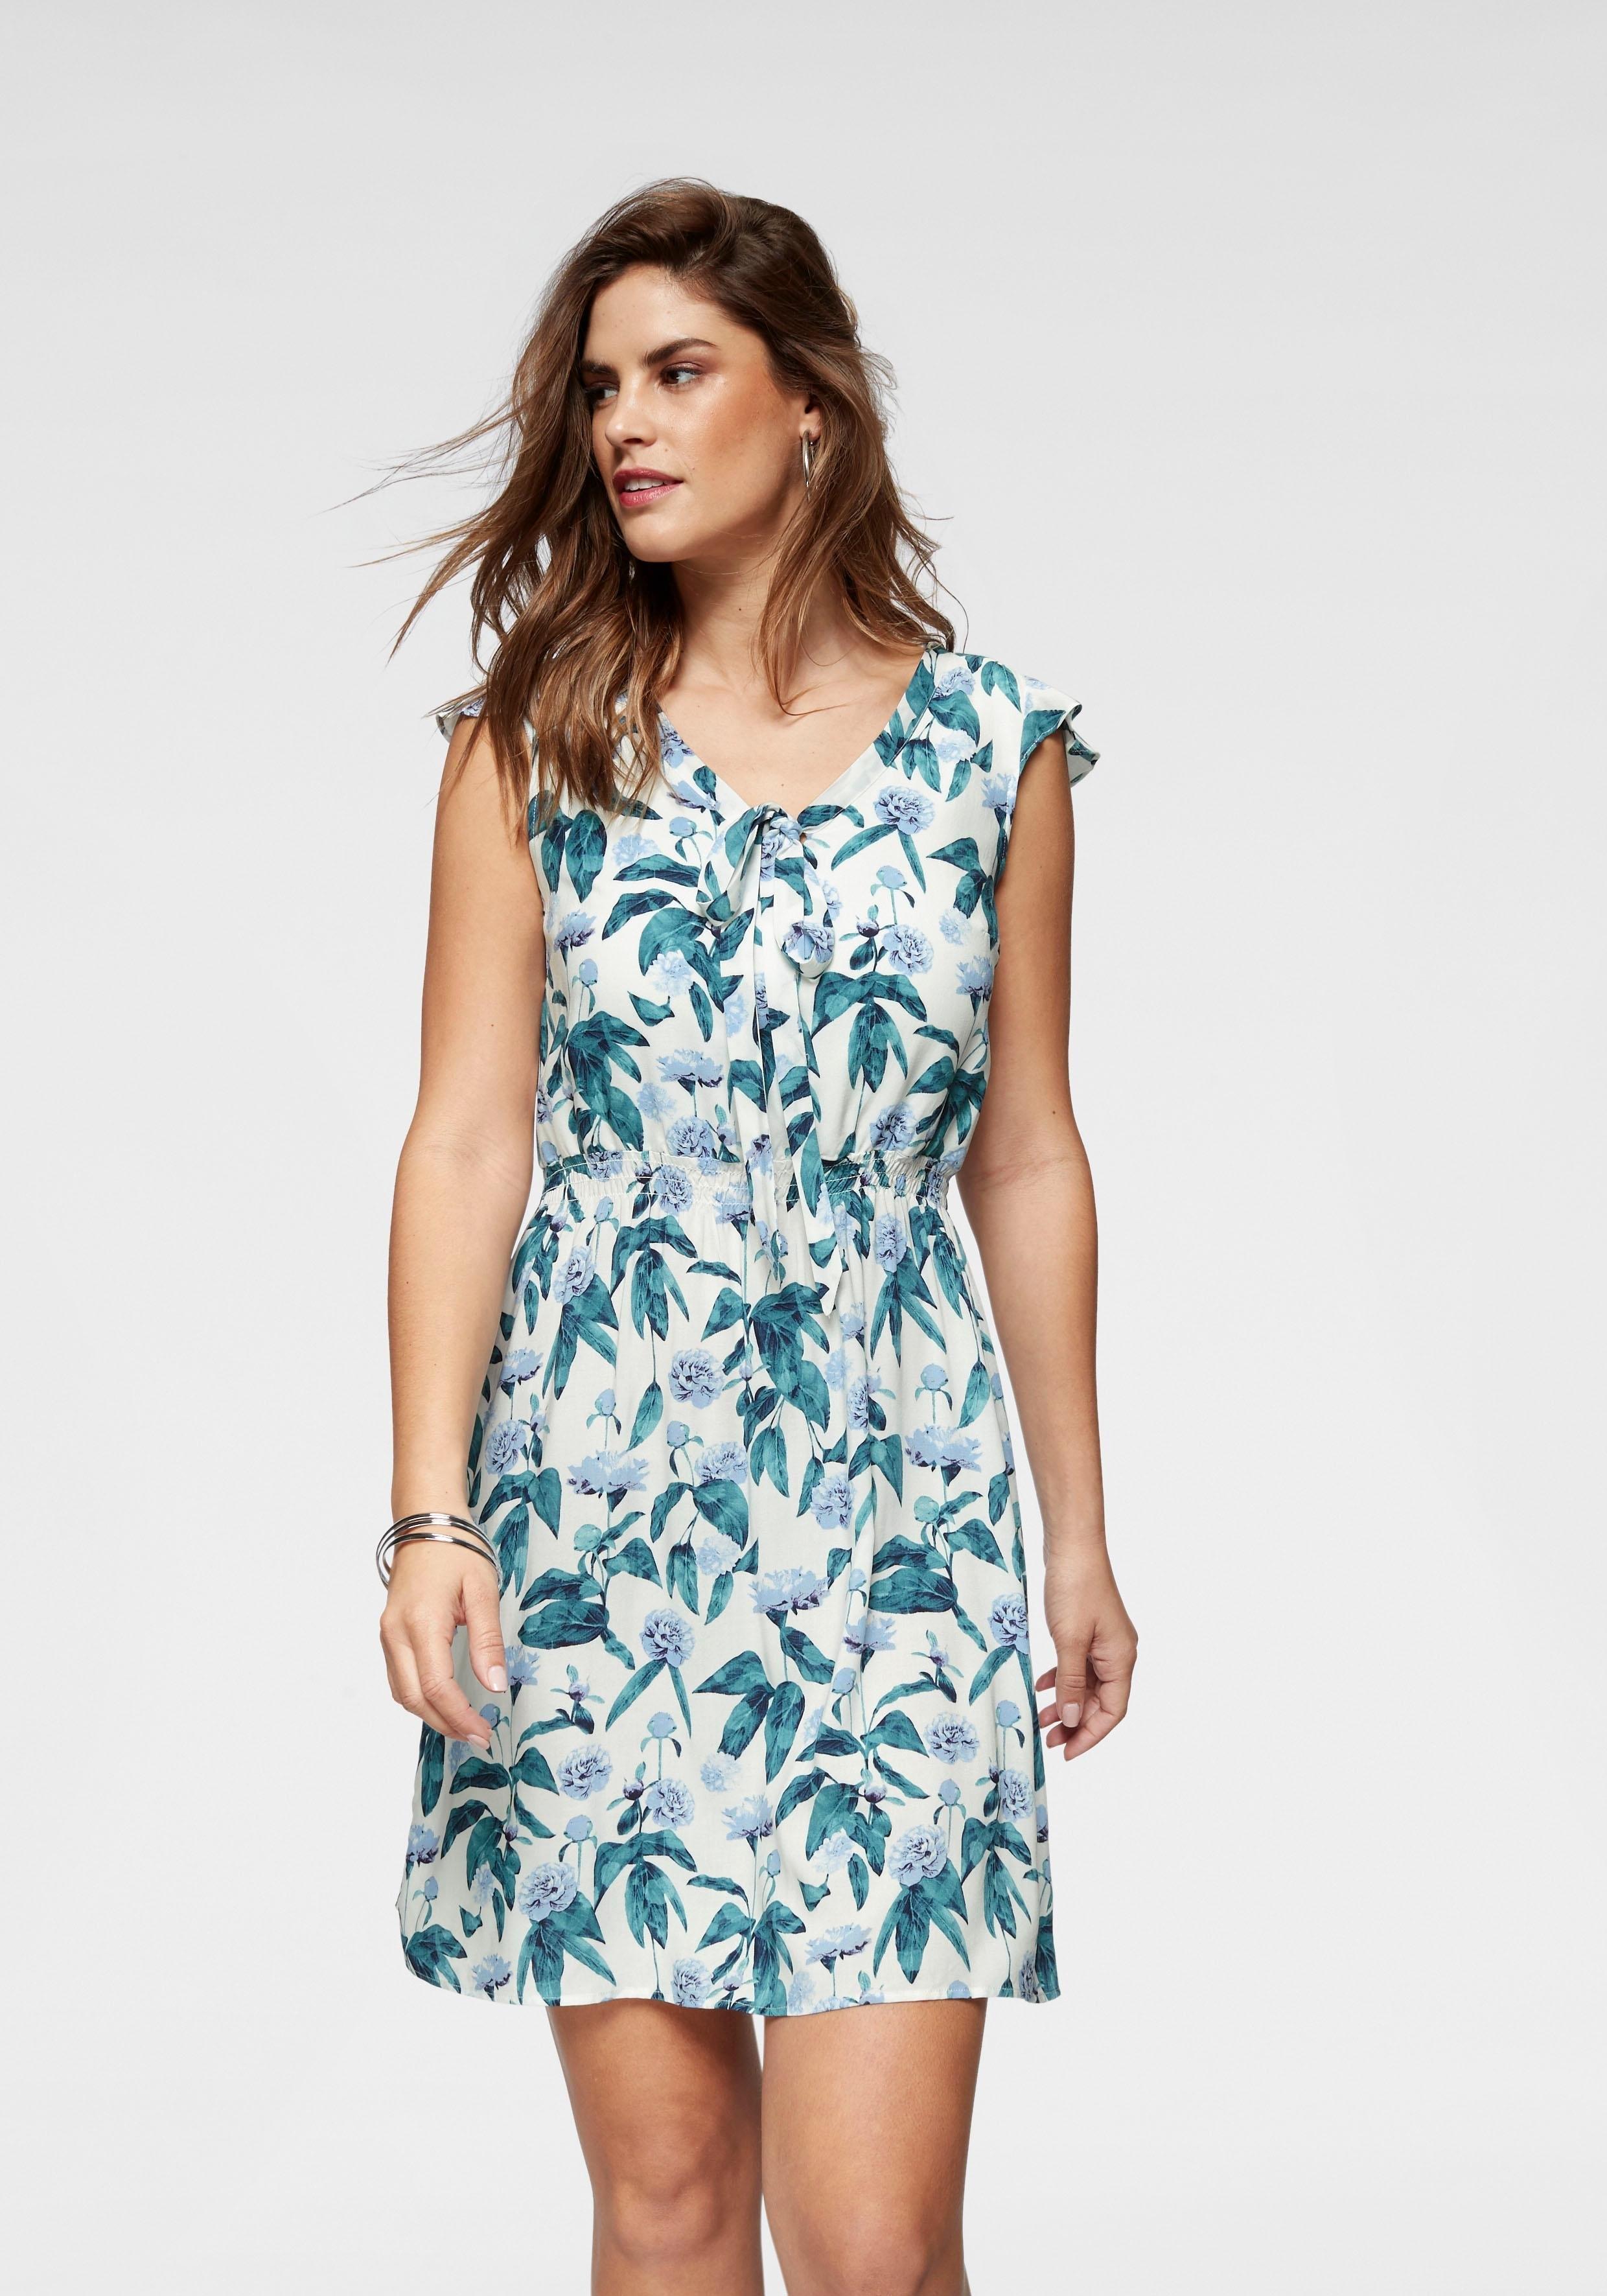 Zabaione gedessineerde jurk »CAPRICE« nu online bestellen